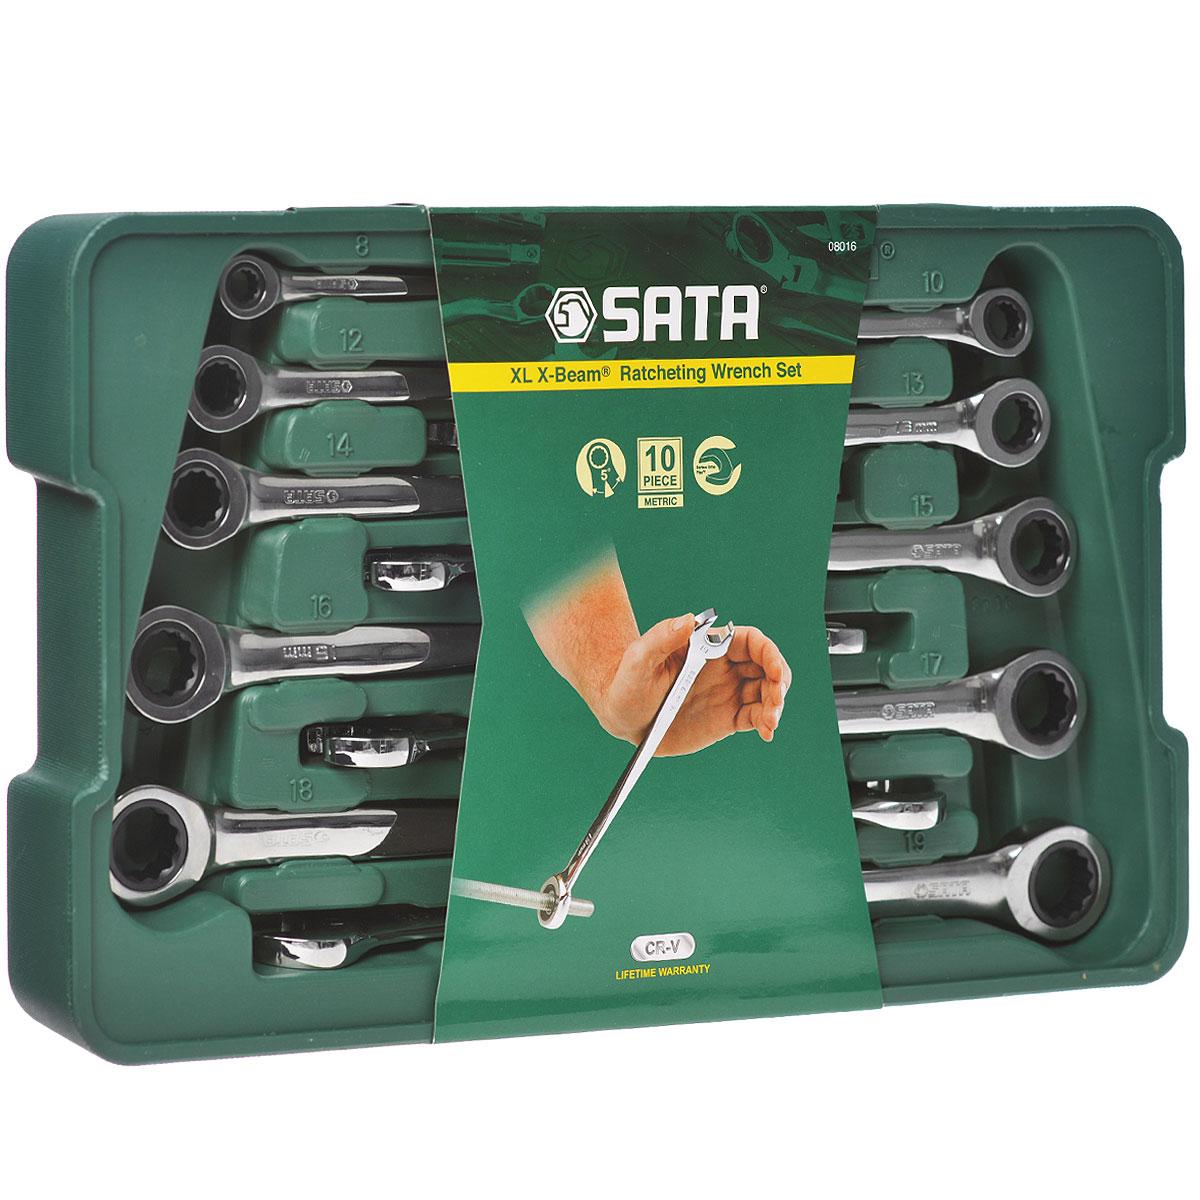 Набор ключей SATA 10пр. 0801680621Набор ключей Sata - это необходимый предмет в каждом доме. Ключи метрические комбинированные, Х-образные (повернутые 90 градусов, скрученные). Набор включает в себя 10 предметов, и упакован в удобный пластиковый кейс. Такой набор будет идеальным подарком мужчине. В набор входят ключи размером: 8 мм, 10 мм, 12 мм, 13 мм, 14 мм, 15 мм, 16 мм, 17 мм, 18 мм, 19 мм.